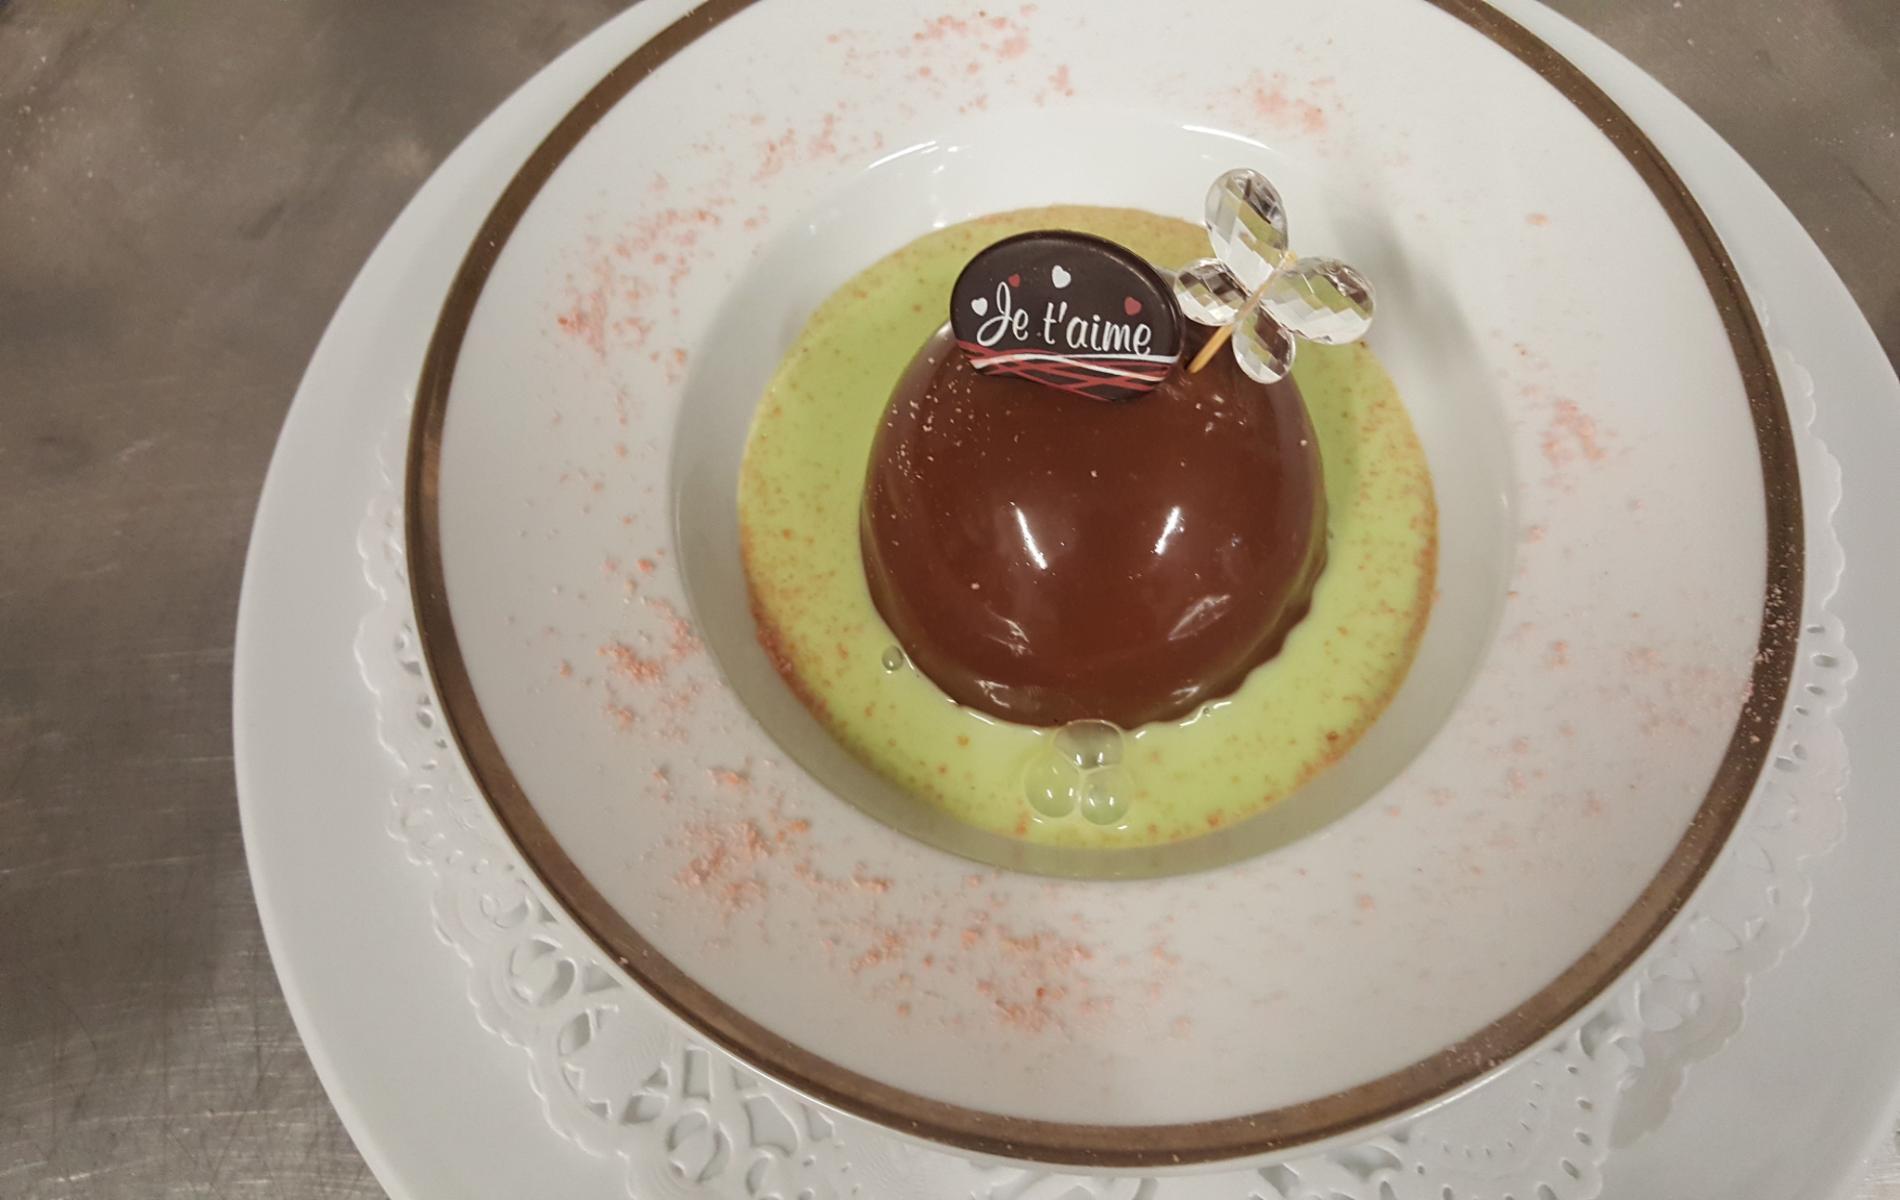 dessert saint-valentin (royal chocolat coulis de pistache)